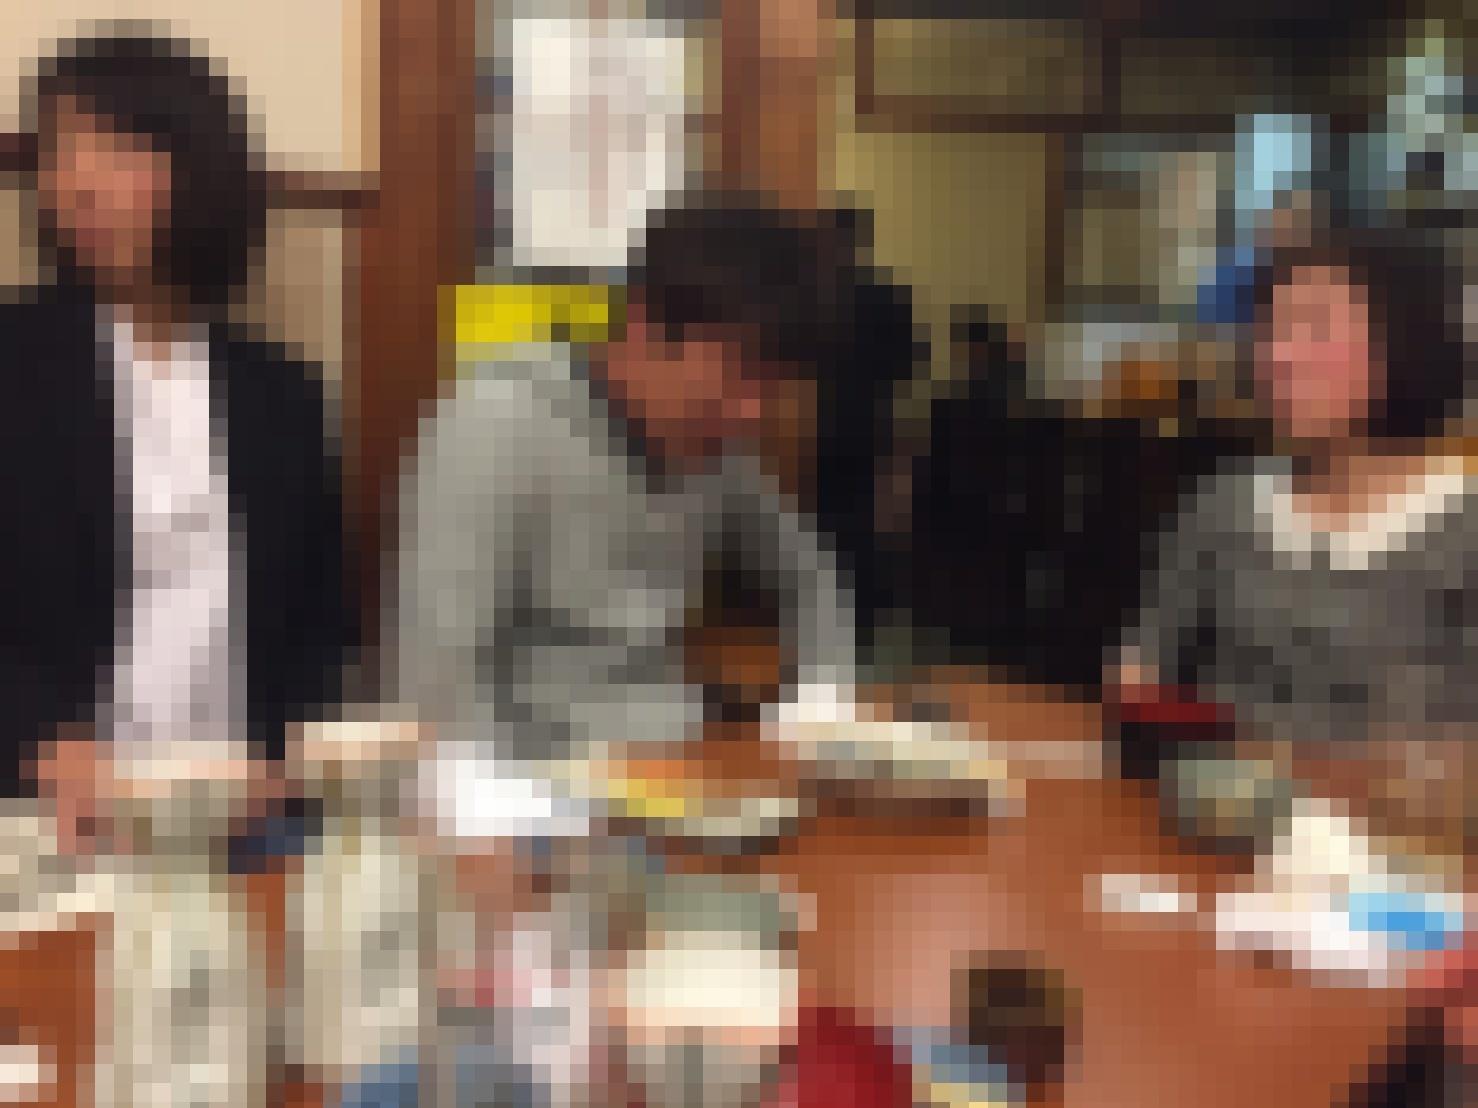 ひょうたん  (鳥取マラソン2019エイドスタッフ打ち上げ)_e0115904_22351543.jpg